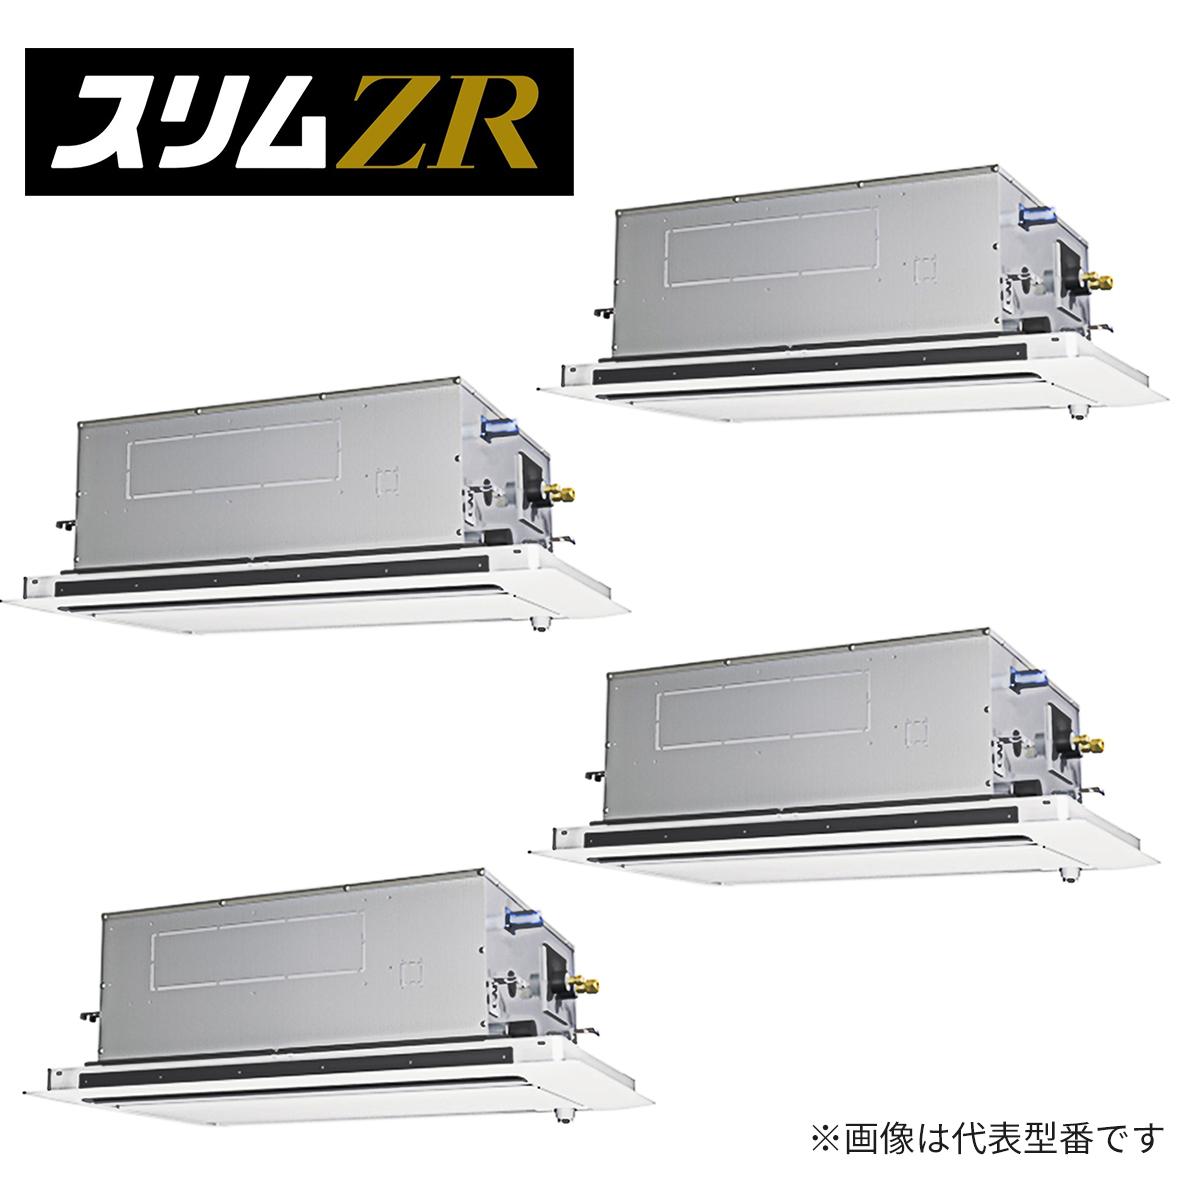 ###三菱 業務用エアコン【PLZD-ZRP224LR】スリムZR 2方向天井カセット形 同時フォー 三相200V 8馬力